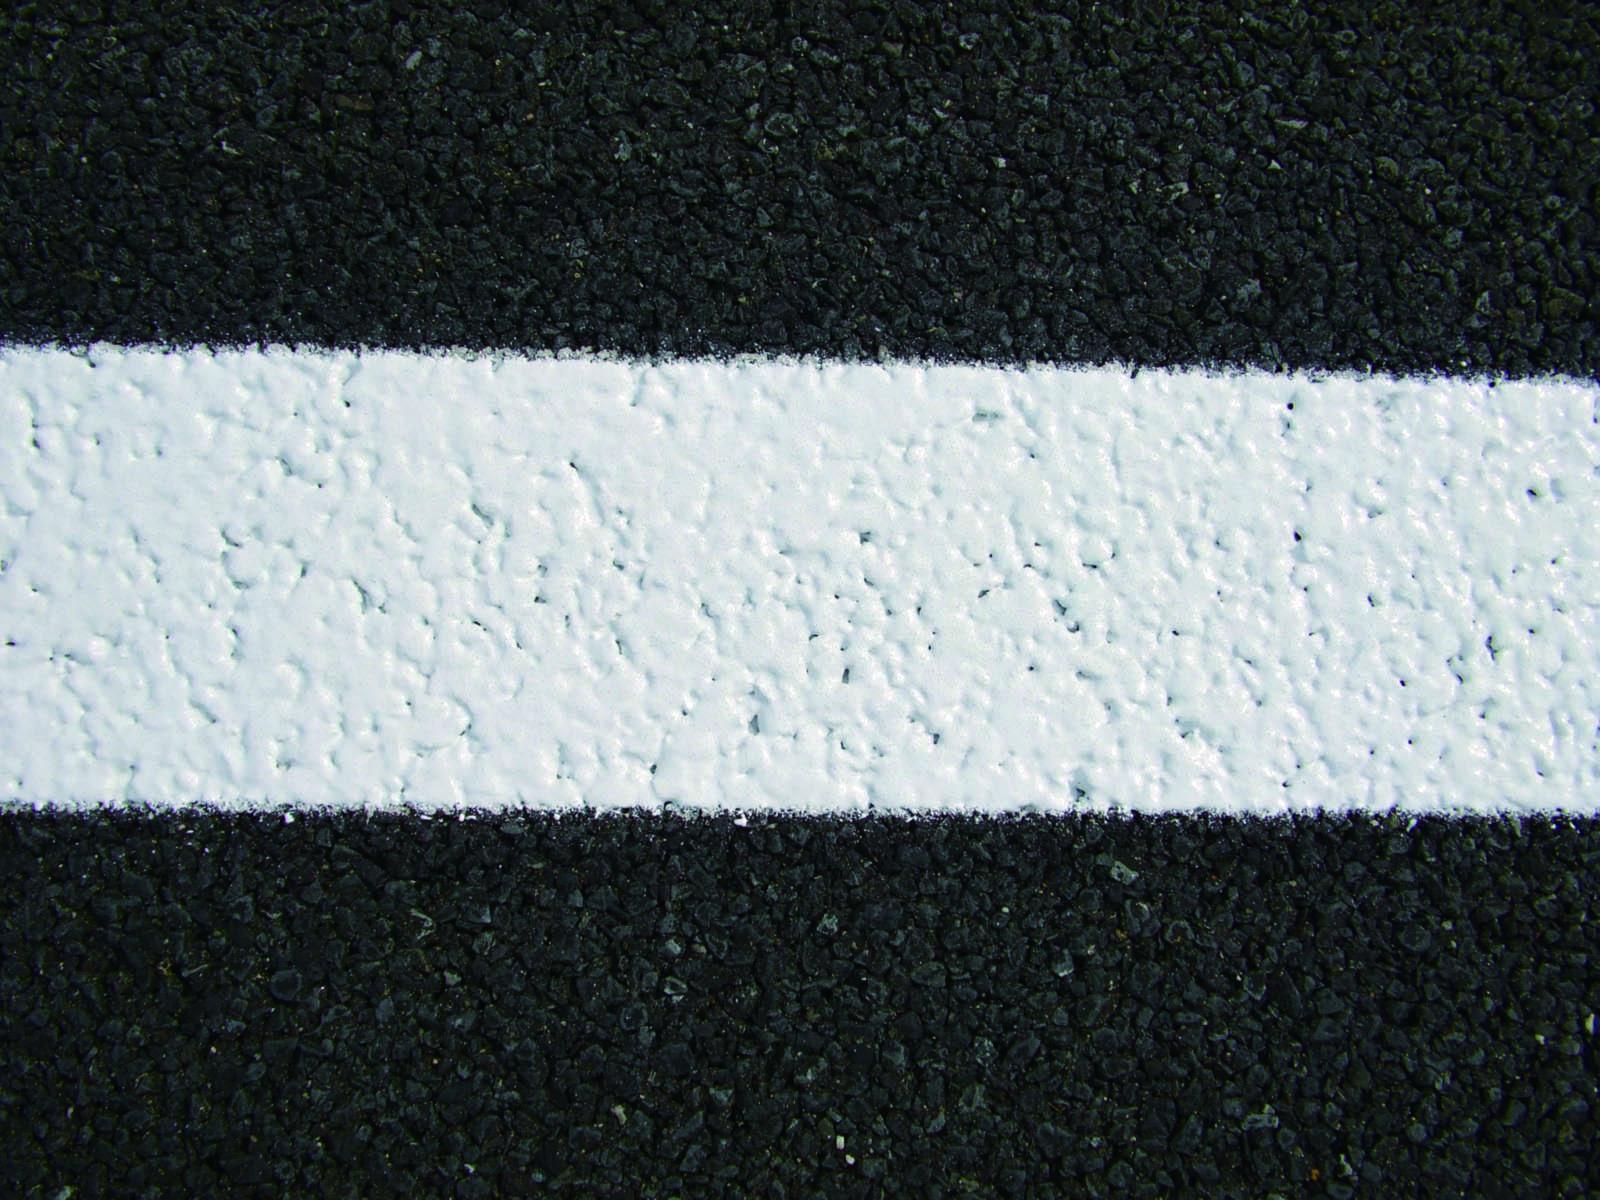 高機能舗装に対応した、厚みが一定のライン